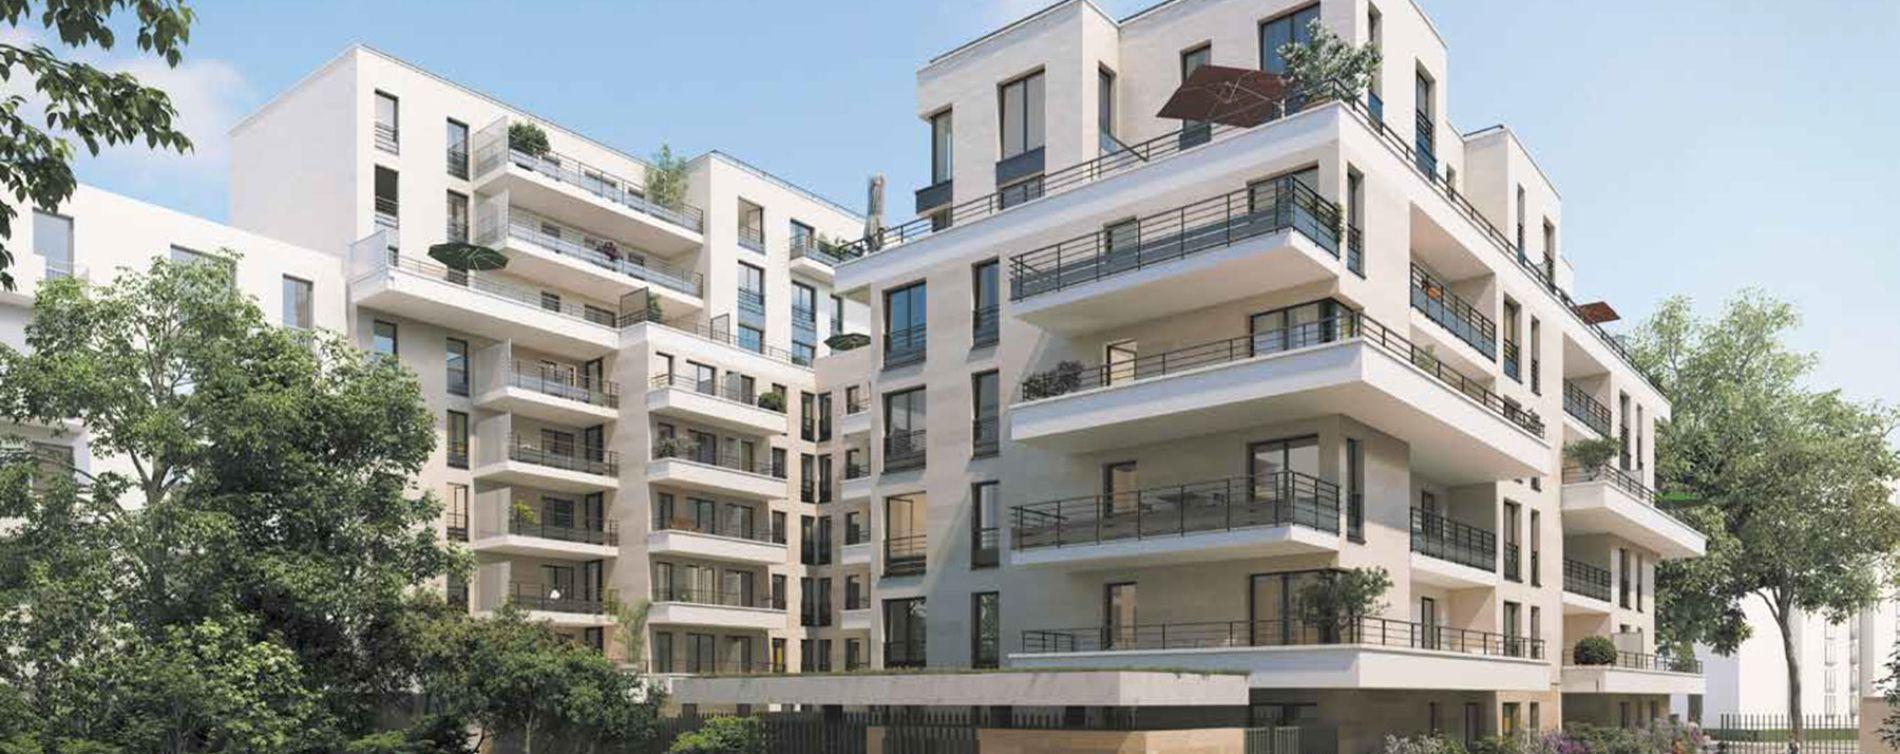 Clichy programme immobilier neuve « Square des Bateliers »